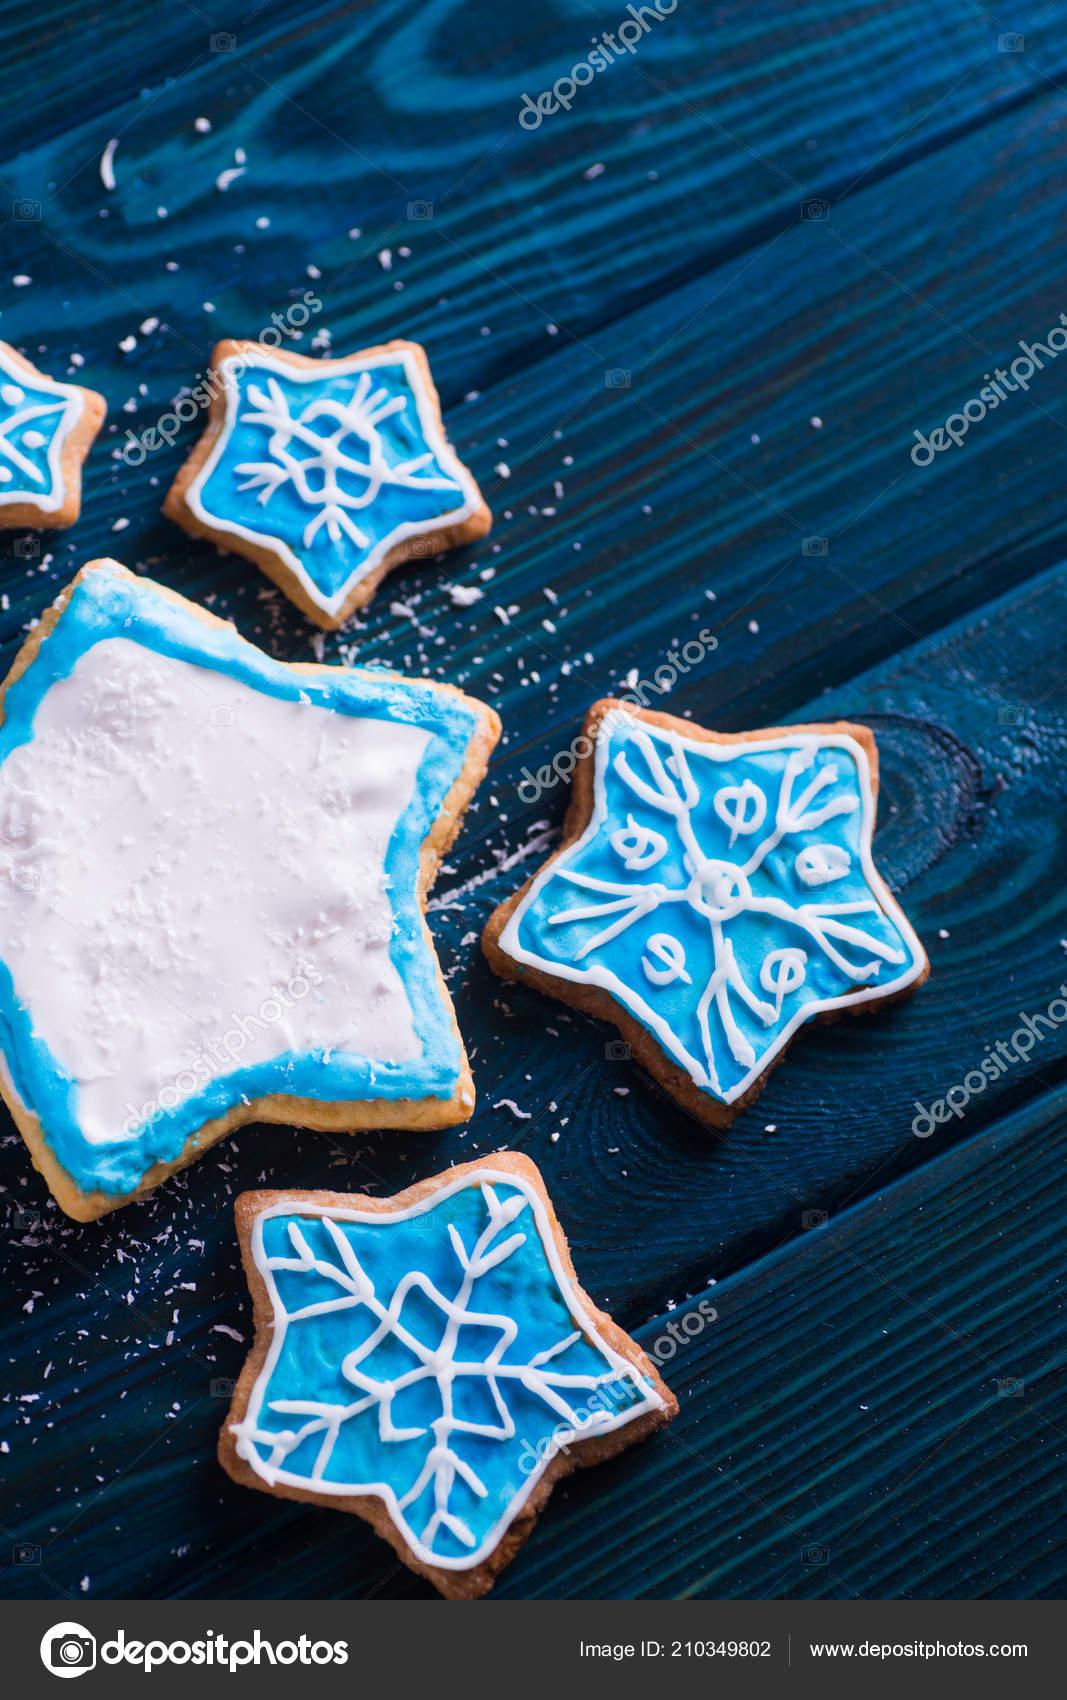 Navidad Casero Closeup Glaseado Galletas Decoradas Con Copos